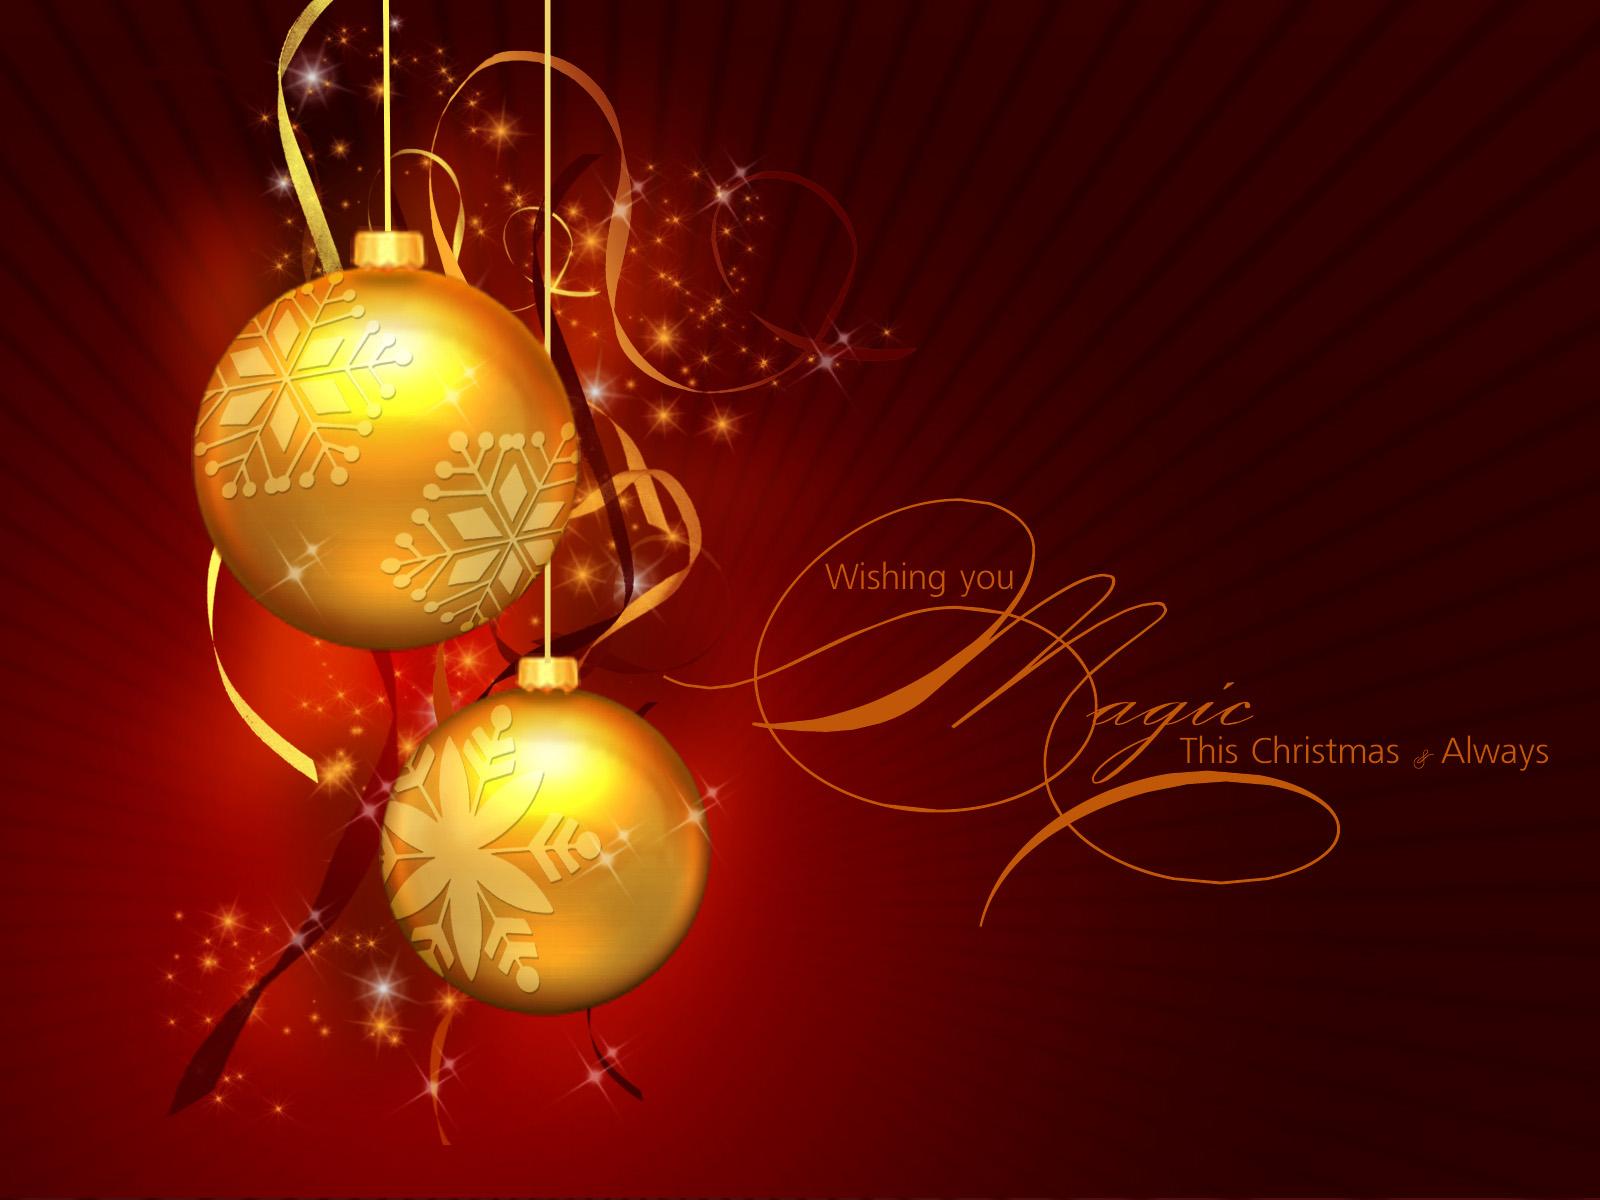 http://3.bp.blogspot.com/_s_kIhr3CCWA/TRZtQx4zfvI/AAAAAAAAGxg/Tb2UjPDdMXg/s1600/Christmas%2BWish.jpg